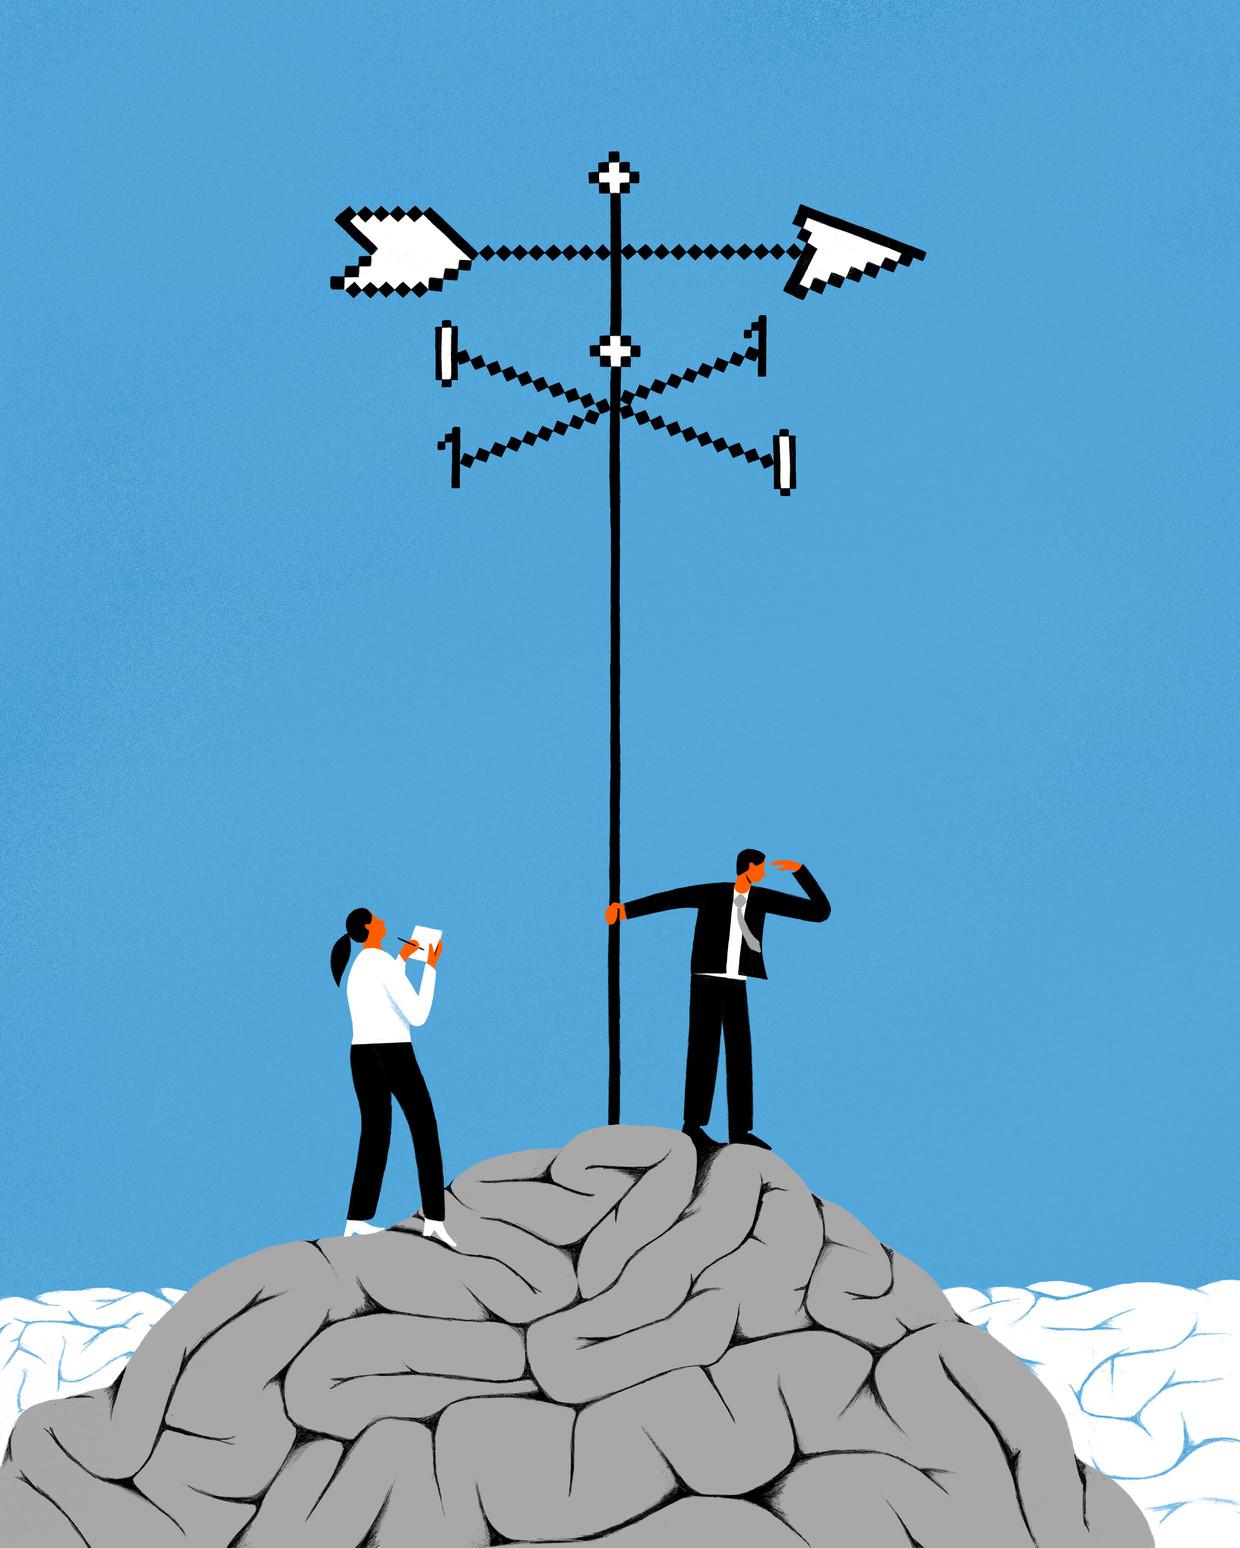 Het Amerikaanse techbedrijf Salesforce denkt met zijn zelflerende machines een doorbraak te hebben gevonden in een van de hardnekkigste problemen van de economie: wat is de ideale belastingpolitiek? Beeld Sjoerd van Leeuwen